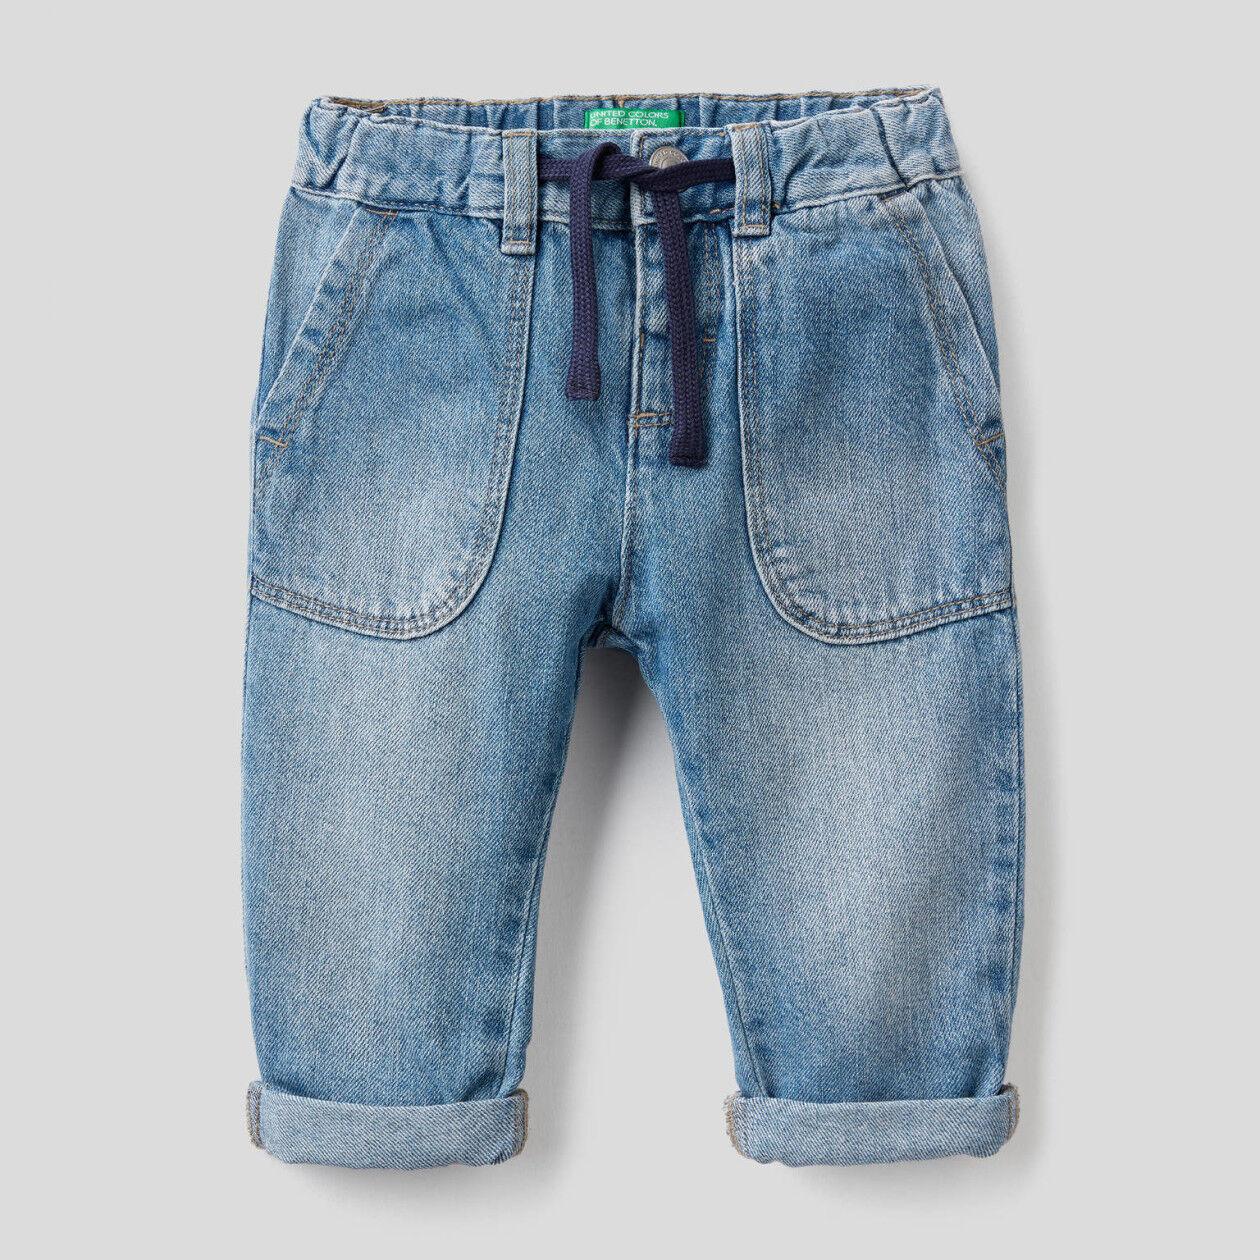 Jeans 100% algodão com maxi bolsos